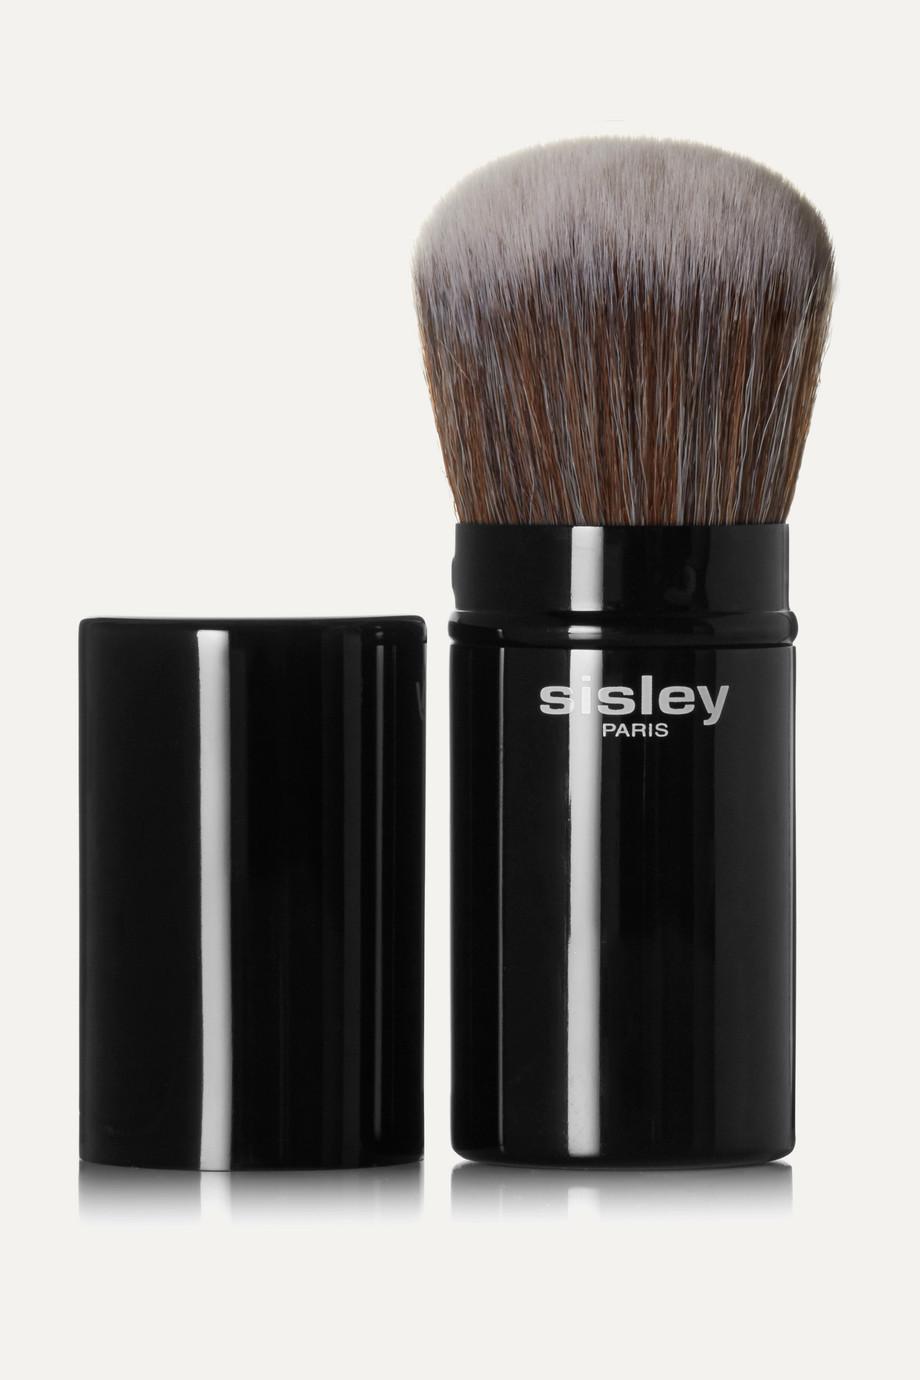 Sisley Kabuki brush